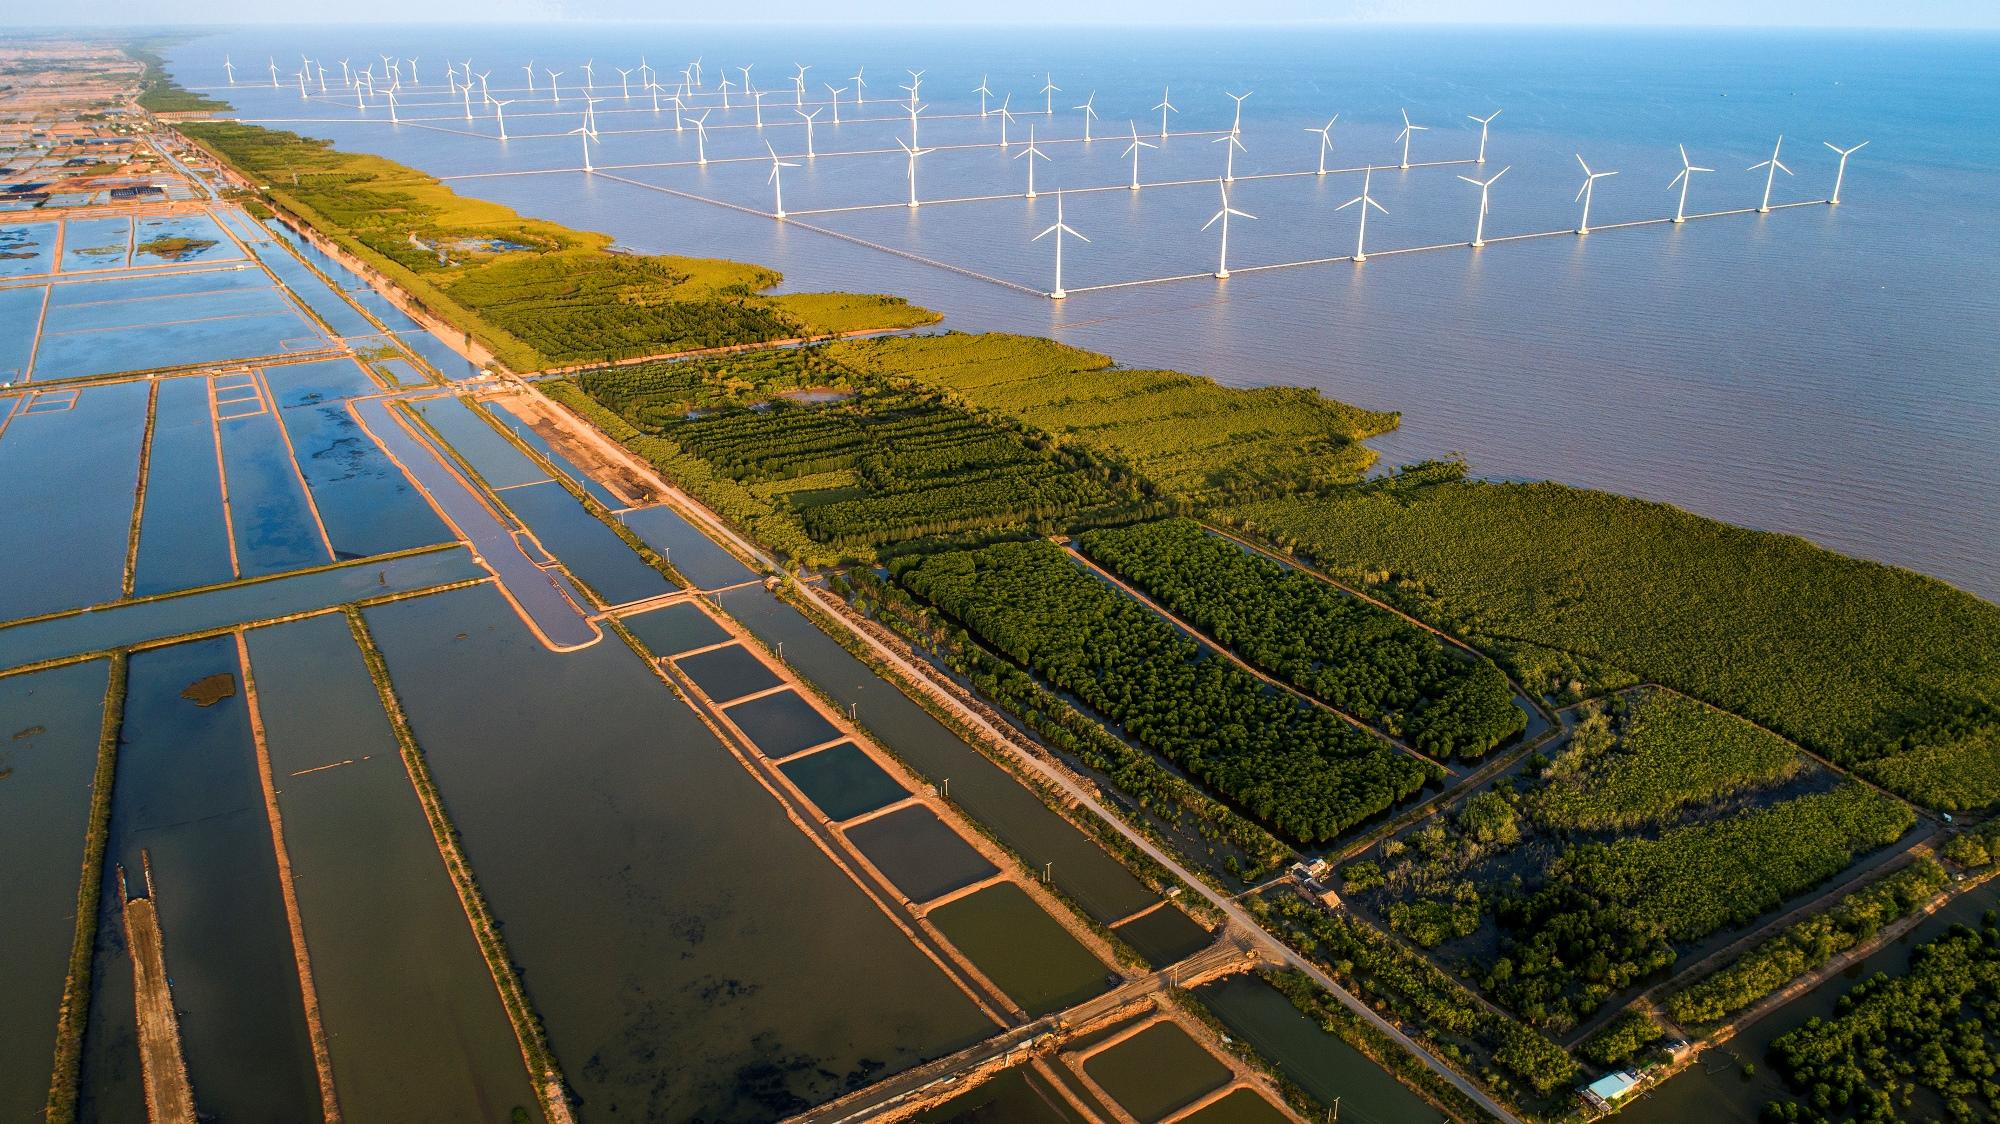 Развитие проектов возобновляемой энергетики во Вьетнаме. (Фото: Министерство природных ресурсов и окружающей среды)